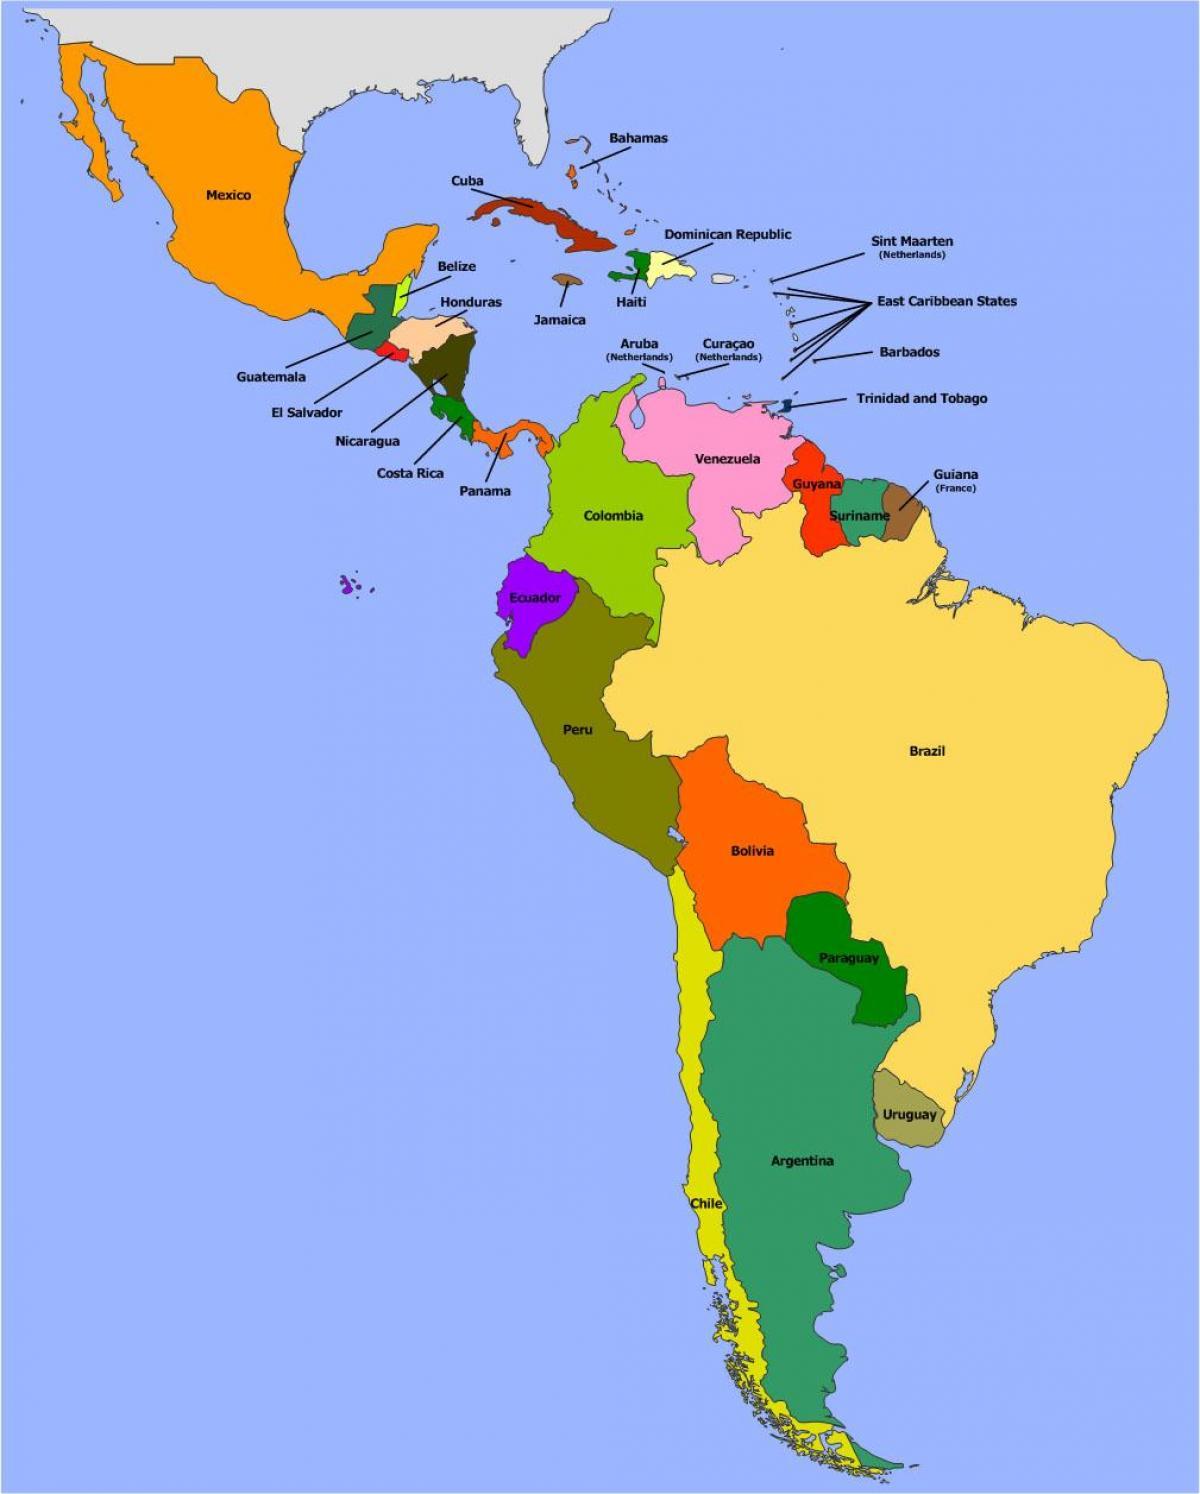 بليز أمريكا الجنوبية خريطة خريطة بليز أمريكا الجنوبية أمريكا